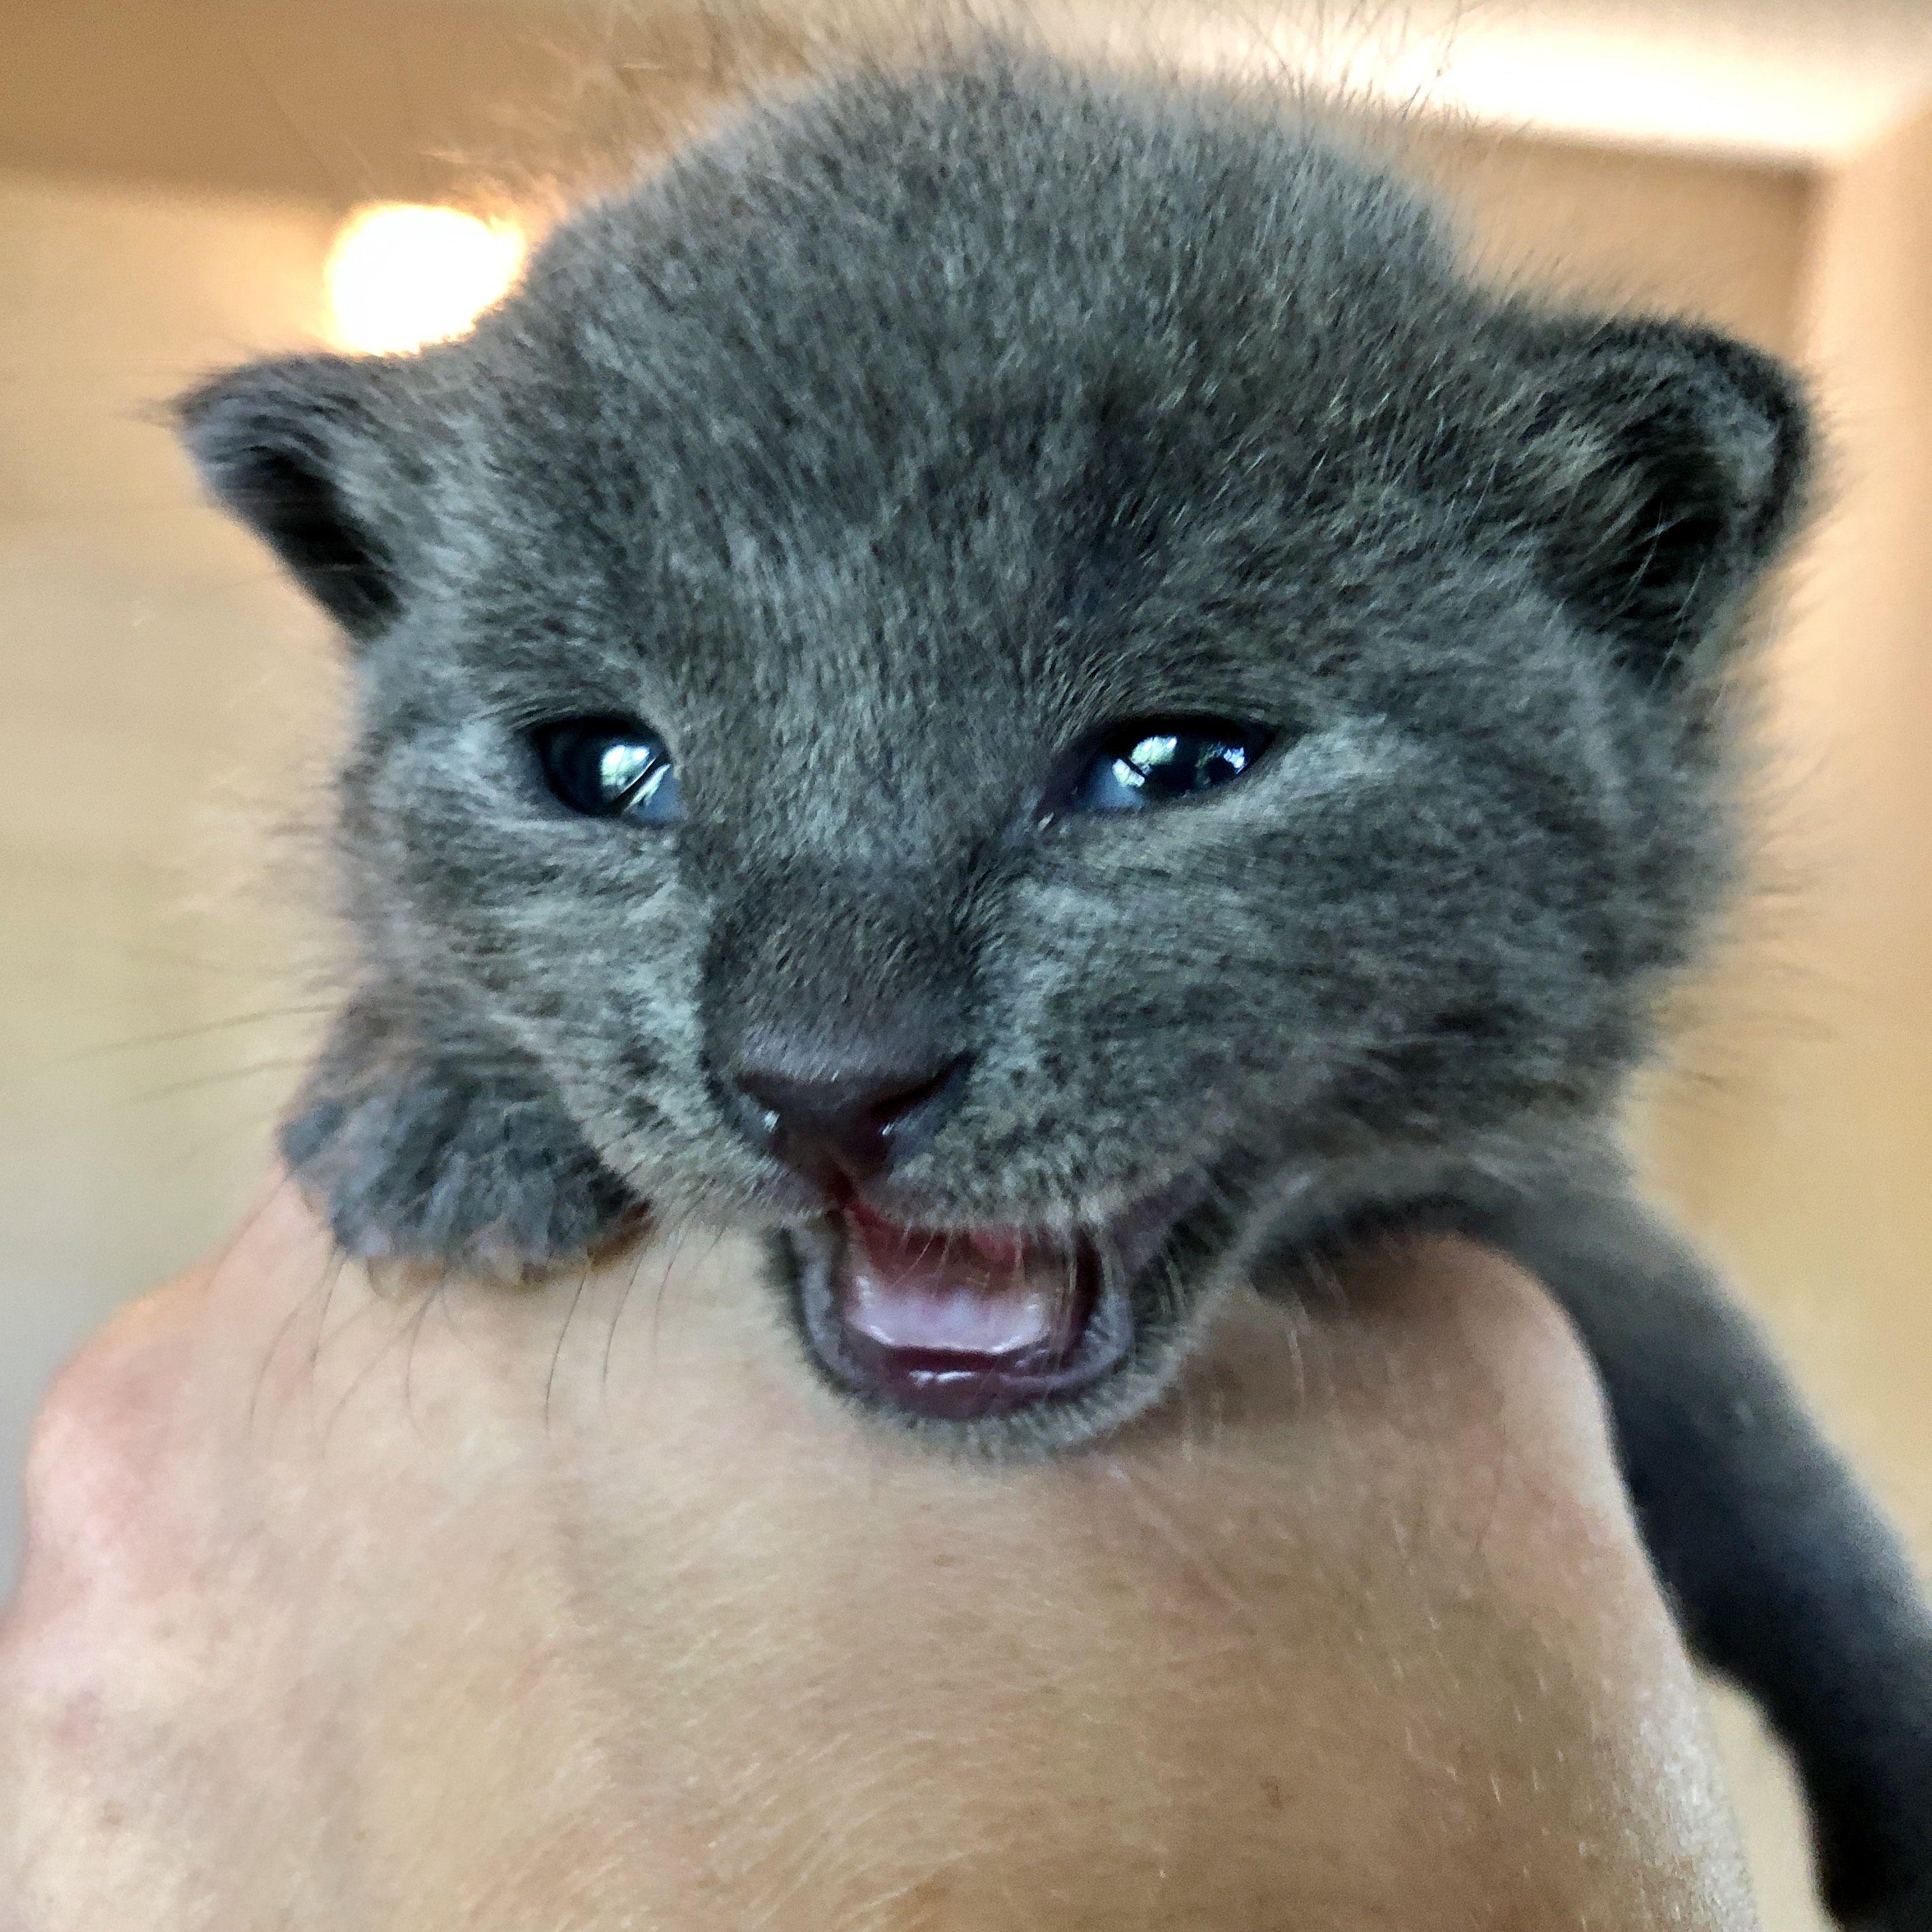 TinyKittens Society rescue kitten TV Kitten rescue